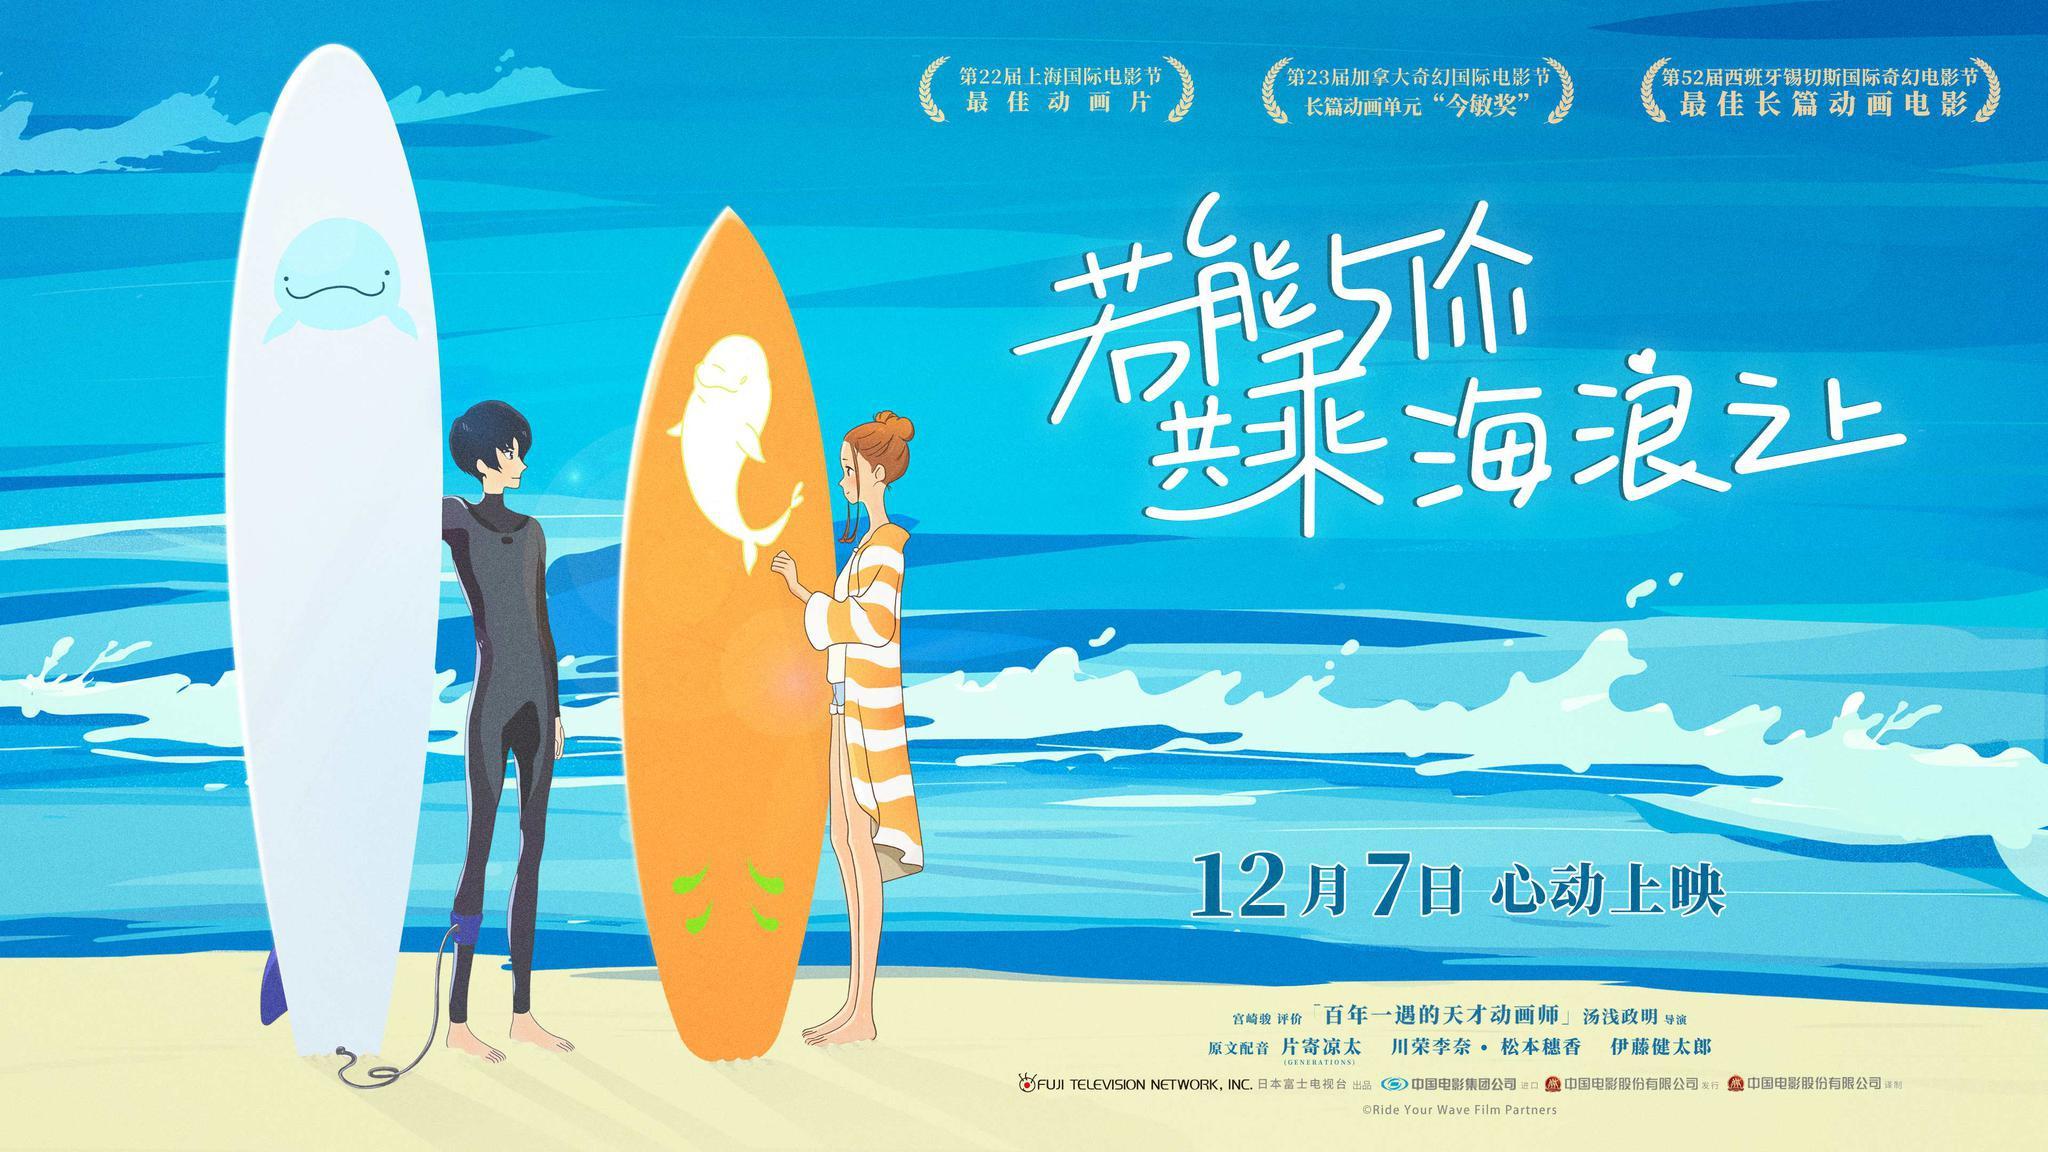 《若能与你共乘海浪之上》发布终极海报预告 12月7日共赴乘浪之约